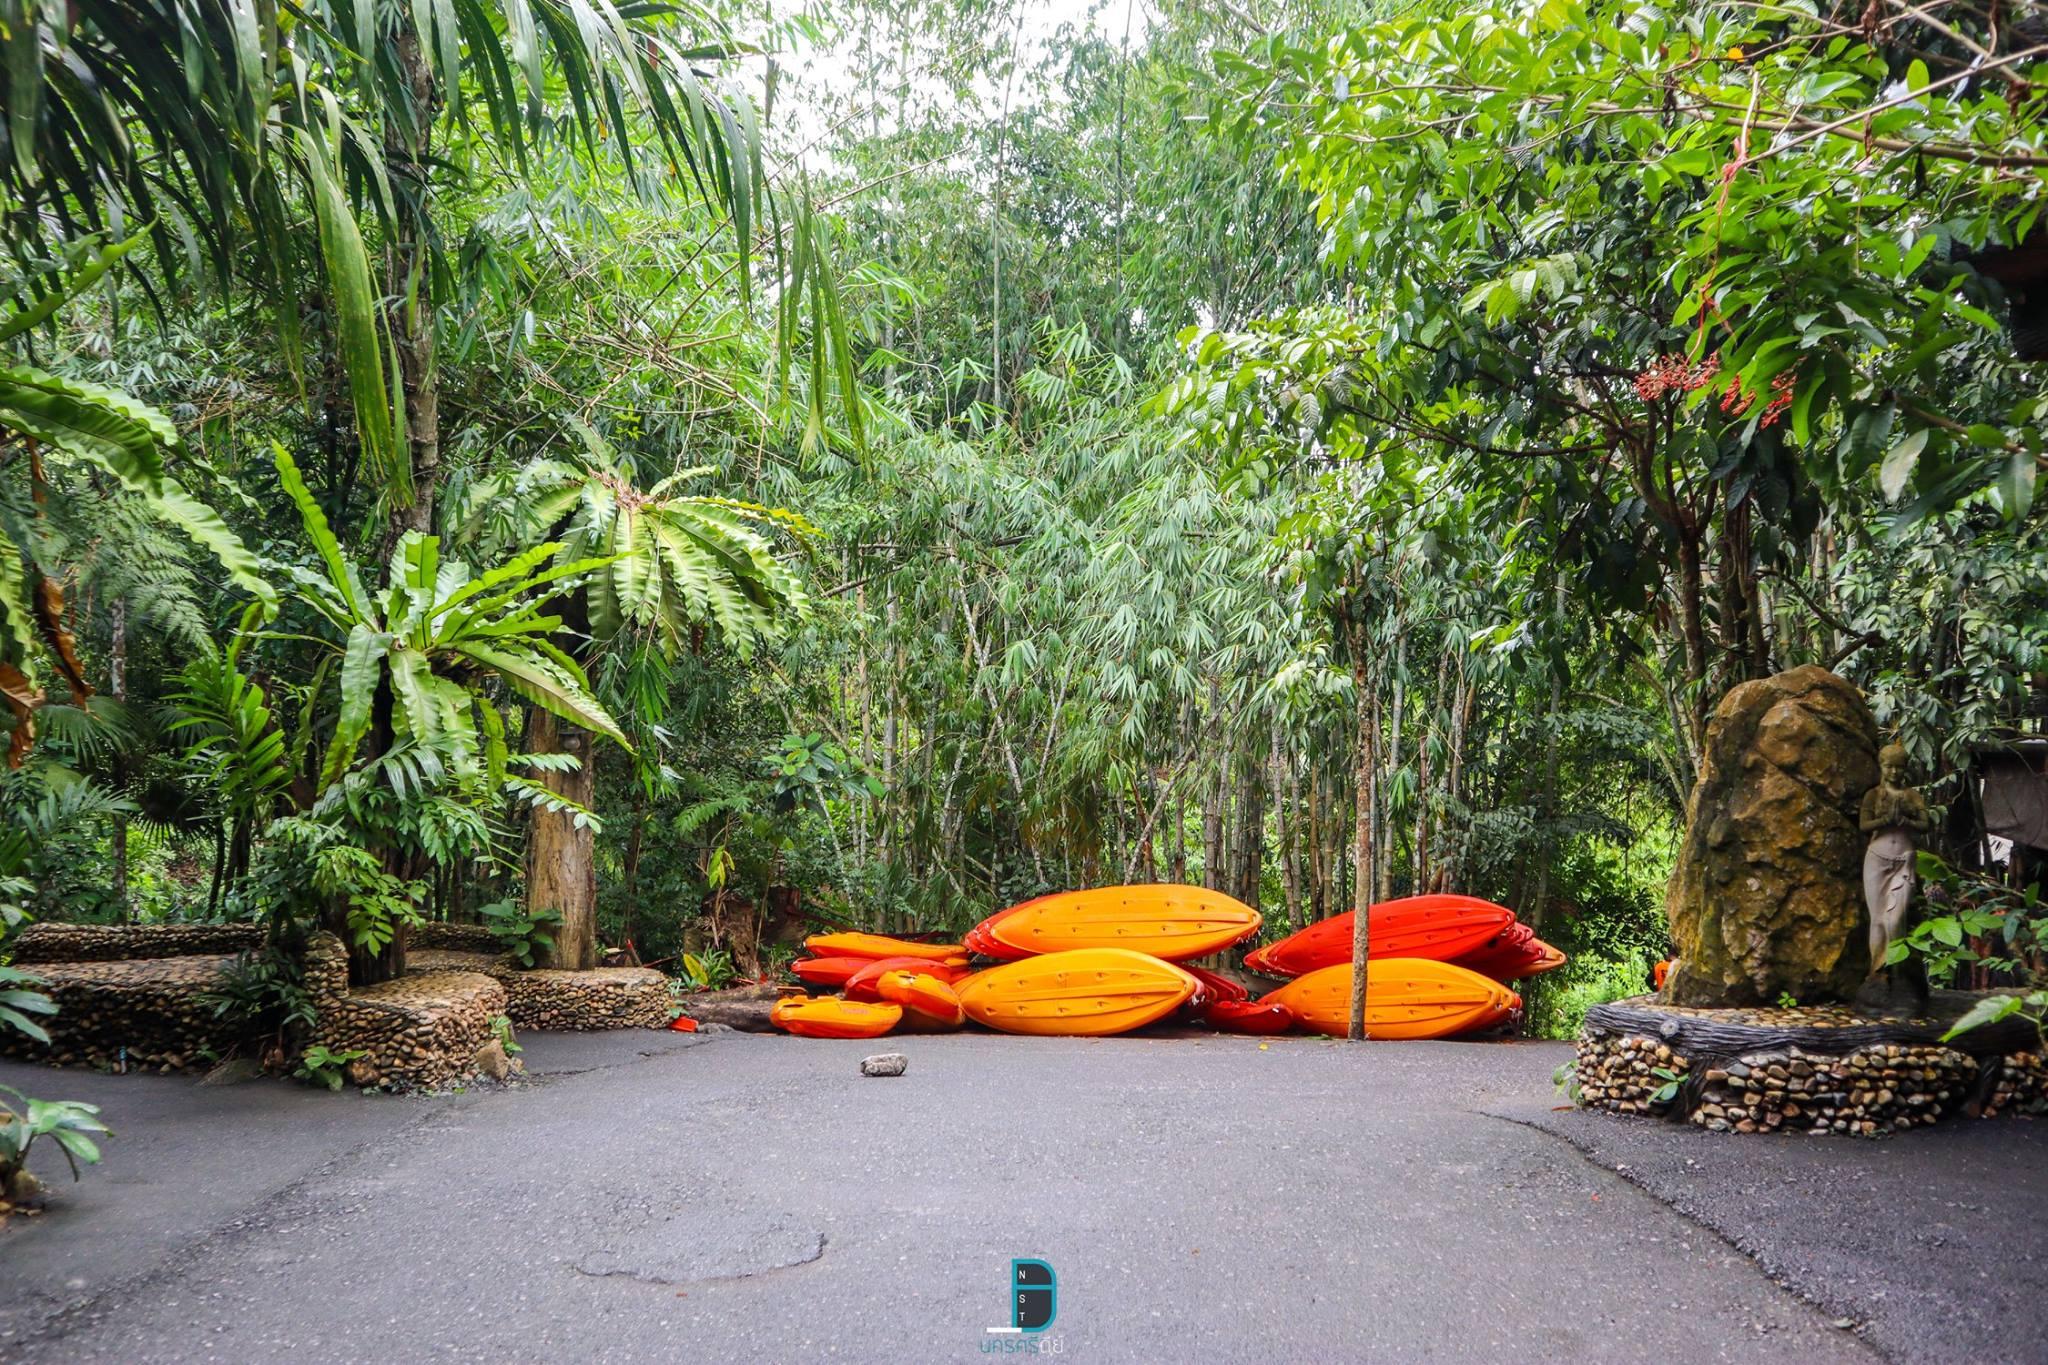 ล่องแก่งน้ำใสๆ สุดยอดธรรมชาติกลางป่า at หนานมดแดง พัทลุง by ตั้งใจกลการ นครศรีดีย์